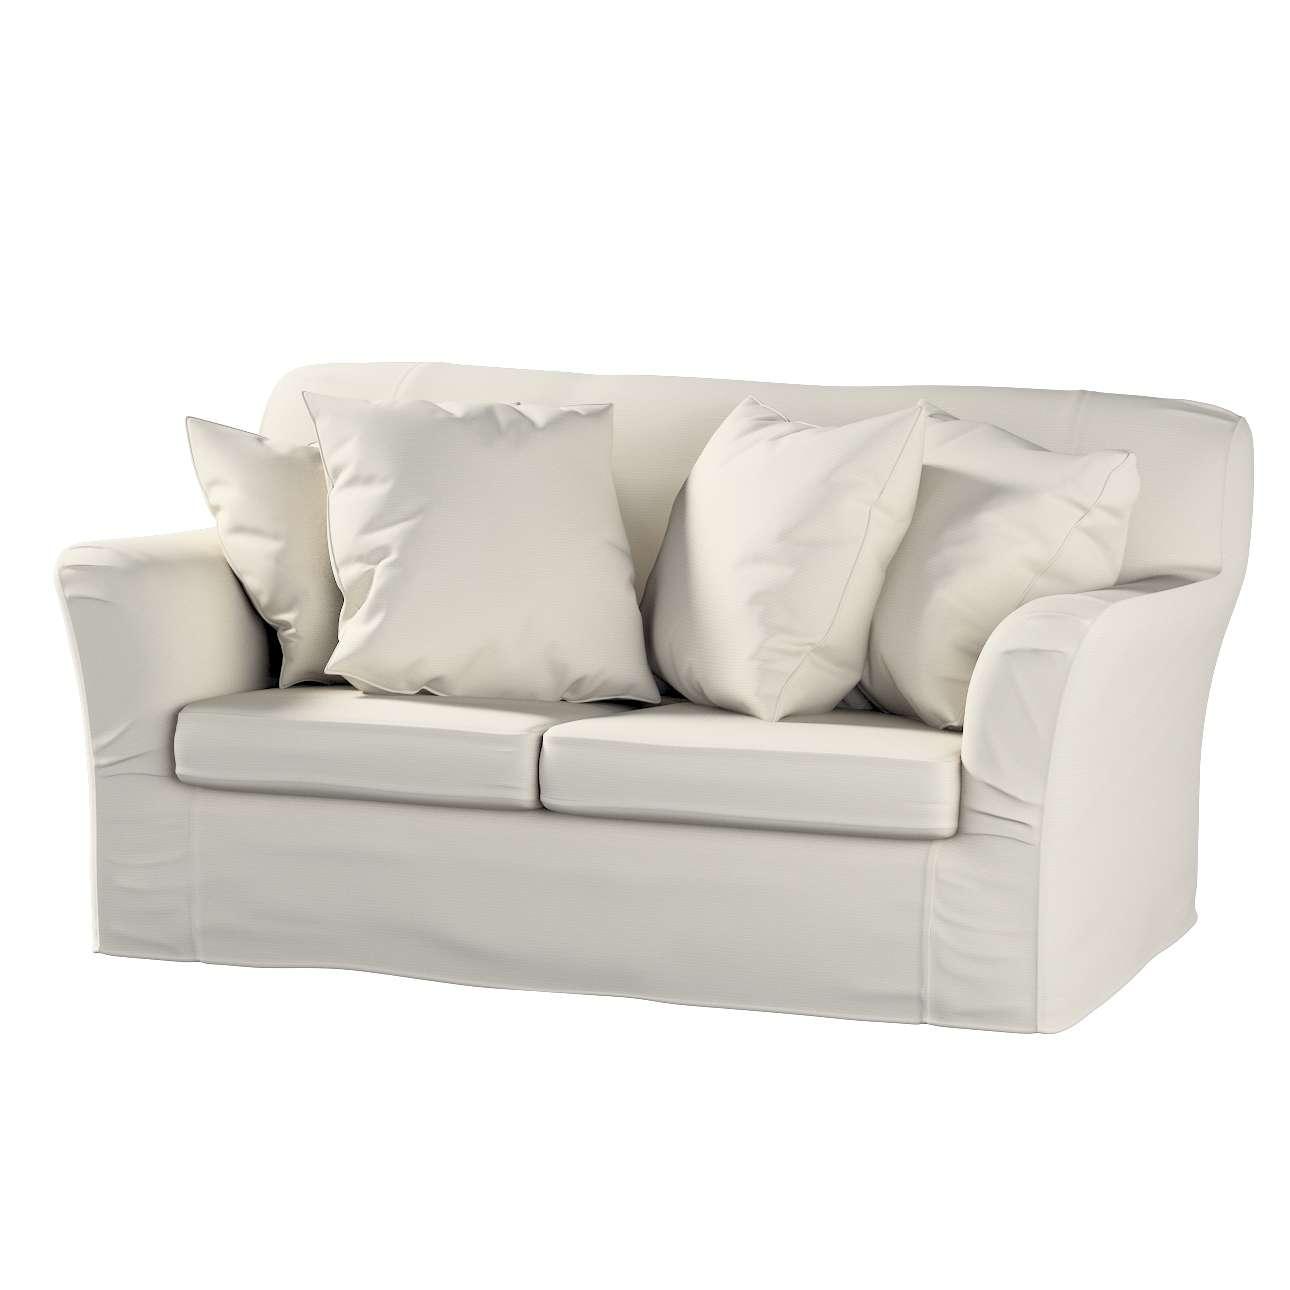 TOMELILLA  dvivietės sofos užvalkalas TOMELILLA dvivietė sofa kolekcijoje Cotton Panama, audinys: 702-31